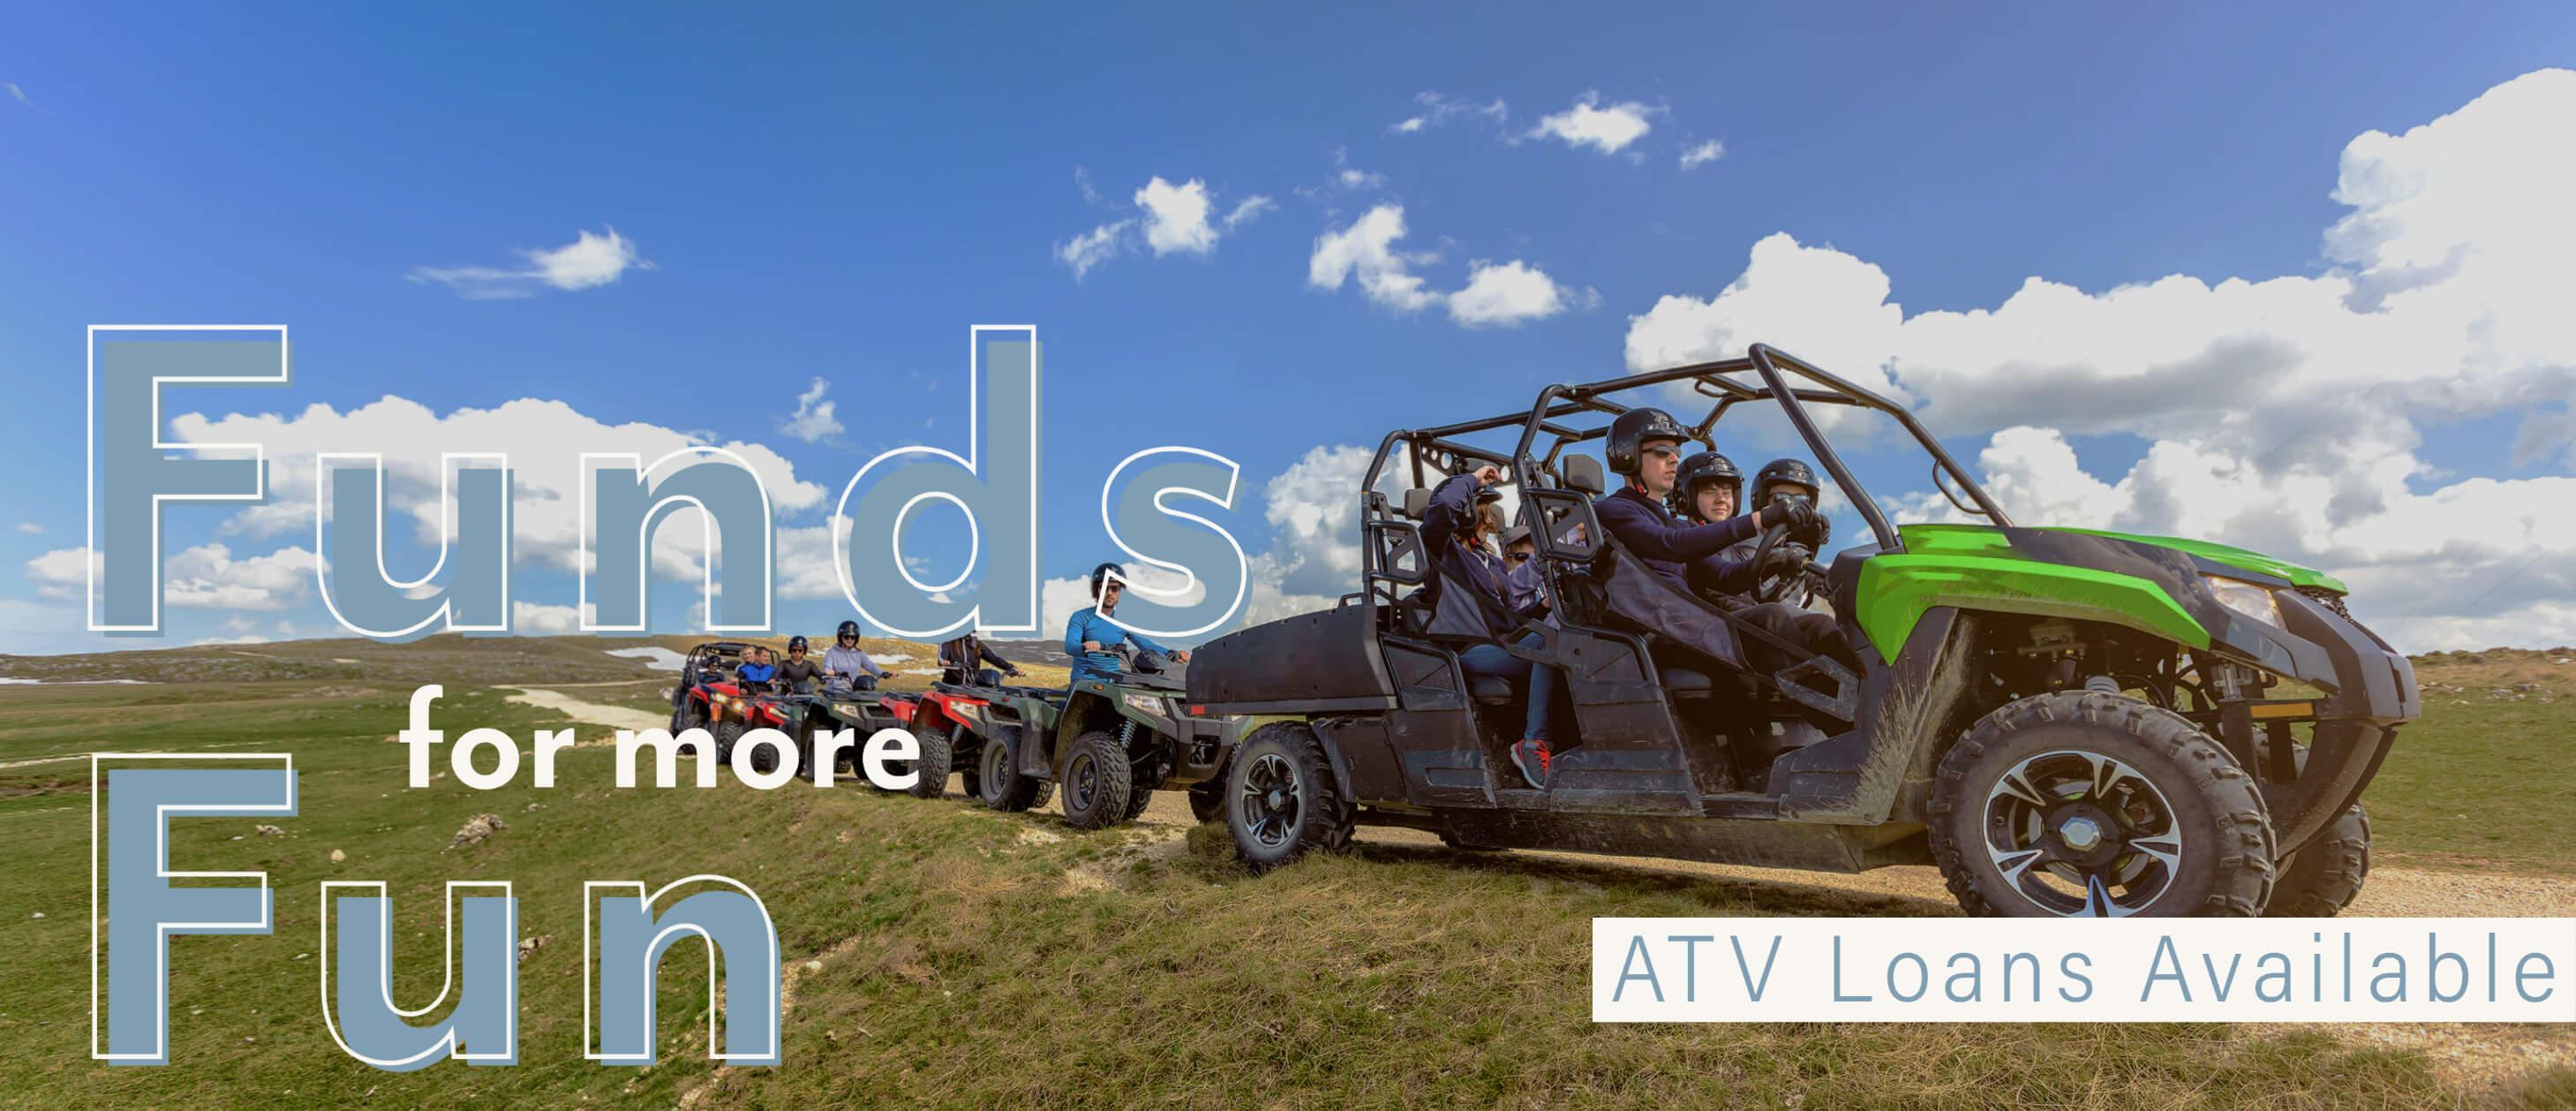 ATV Loans